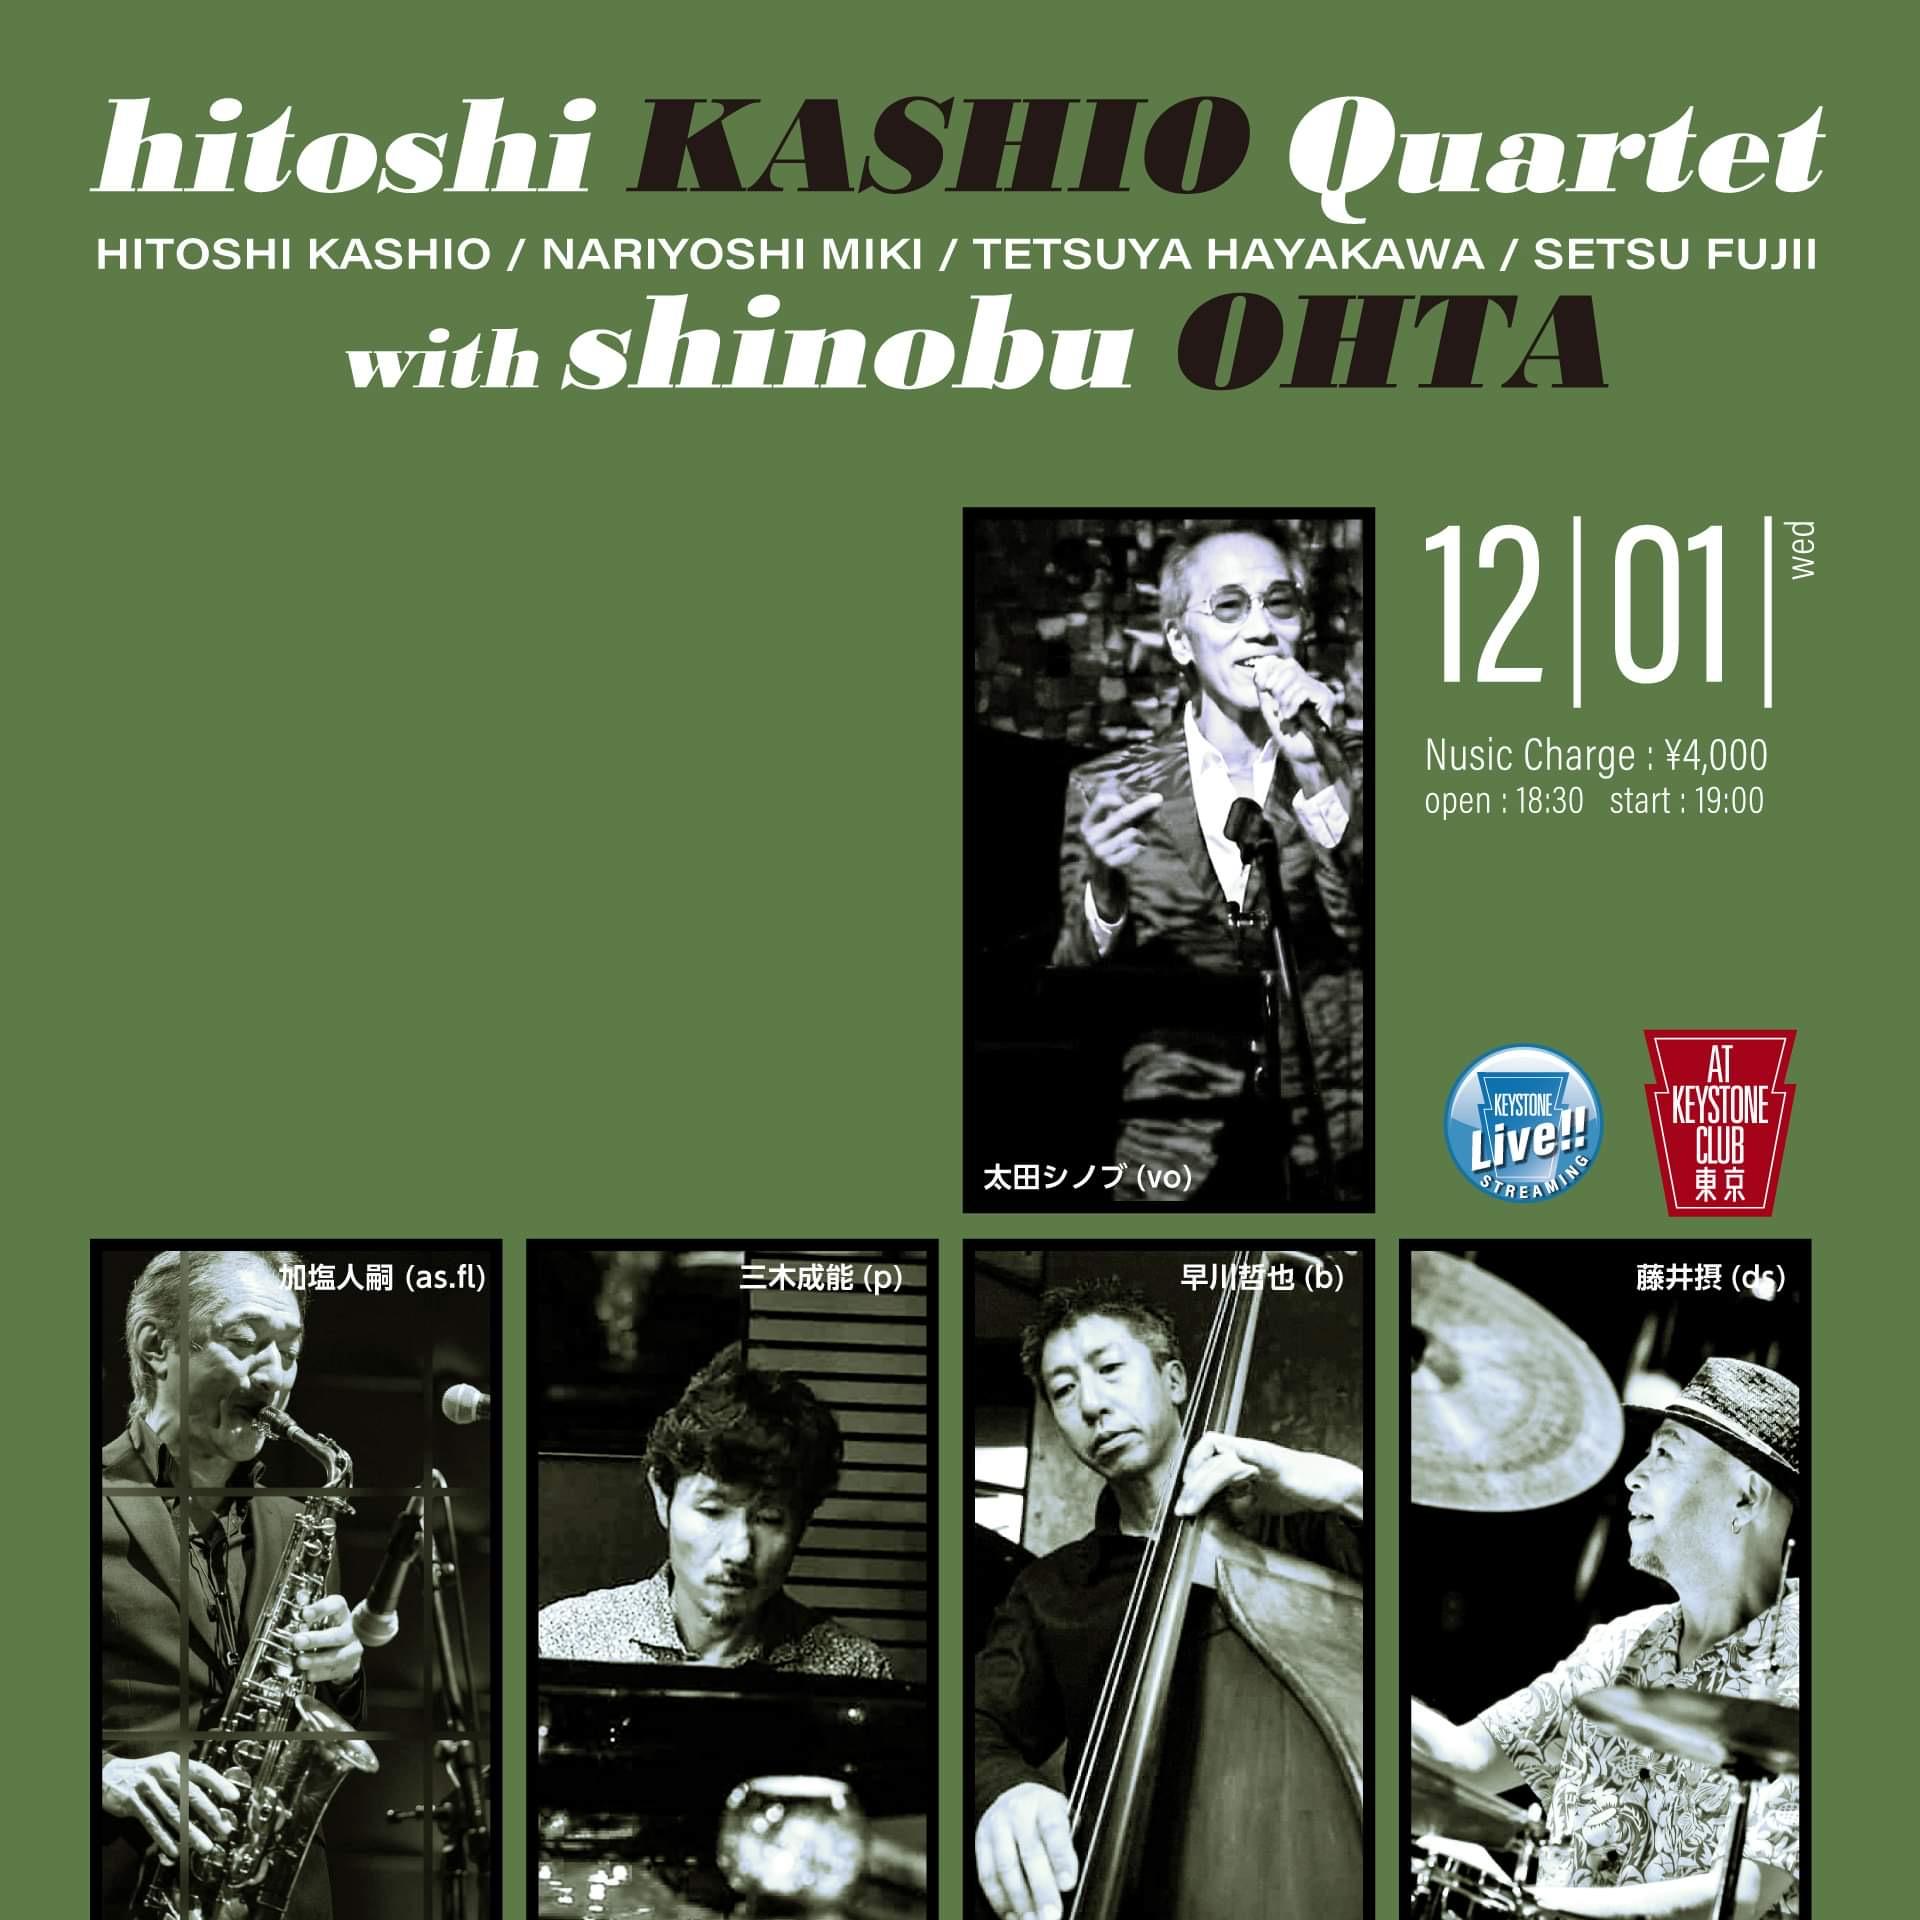 hitoshi KASHIO Quartet with shinobu OHTA